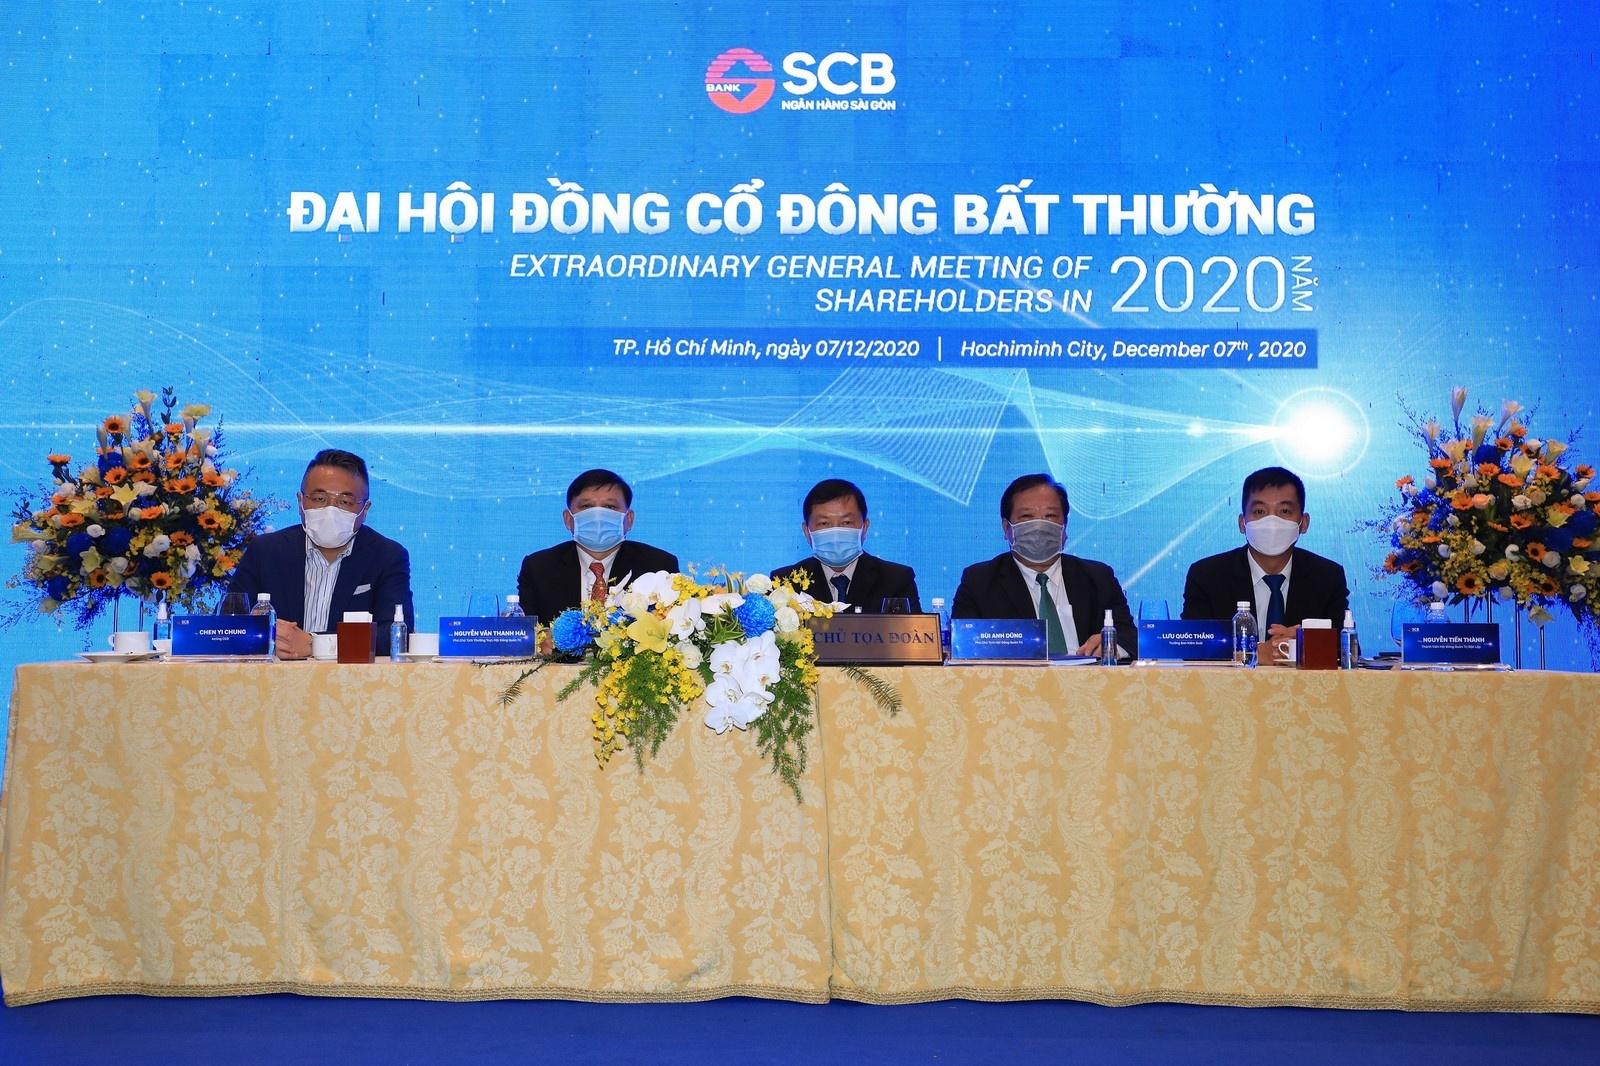 scb to chuc thanh cong dai hoi dong co dong bat thuong 2020